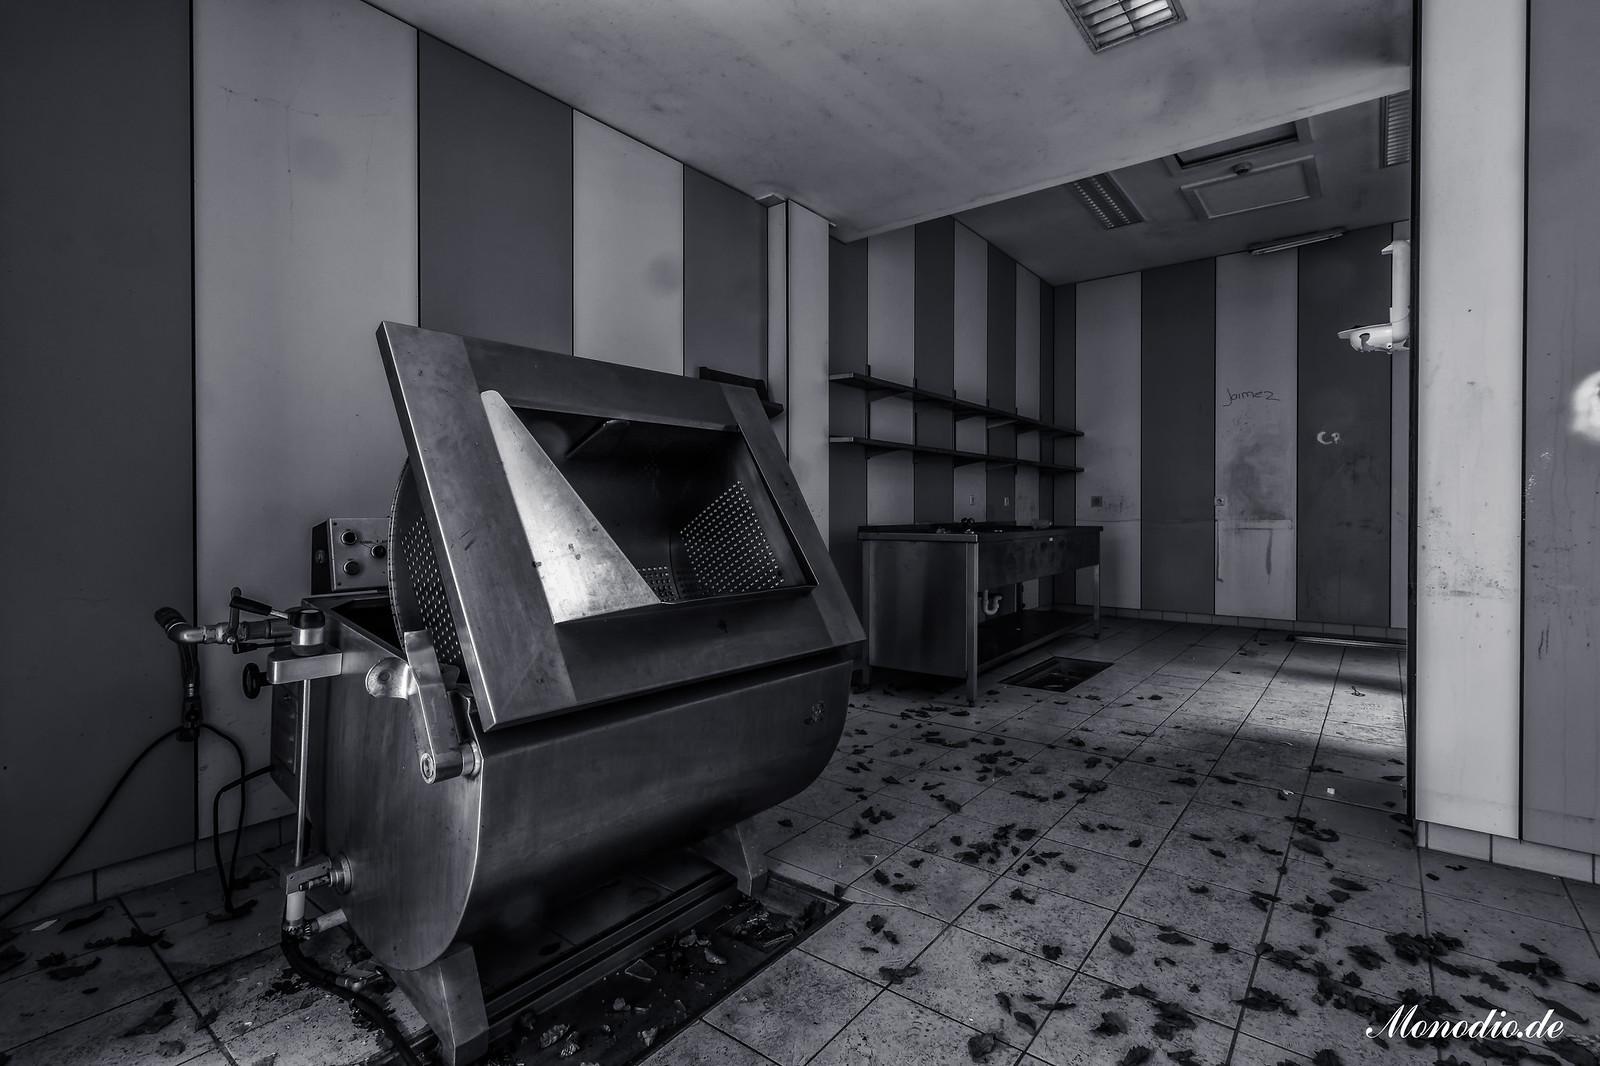 Sanatorium DB